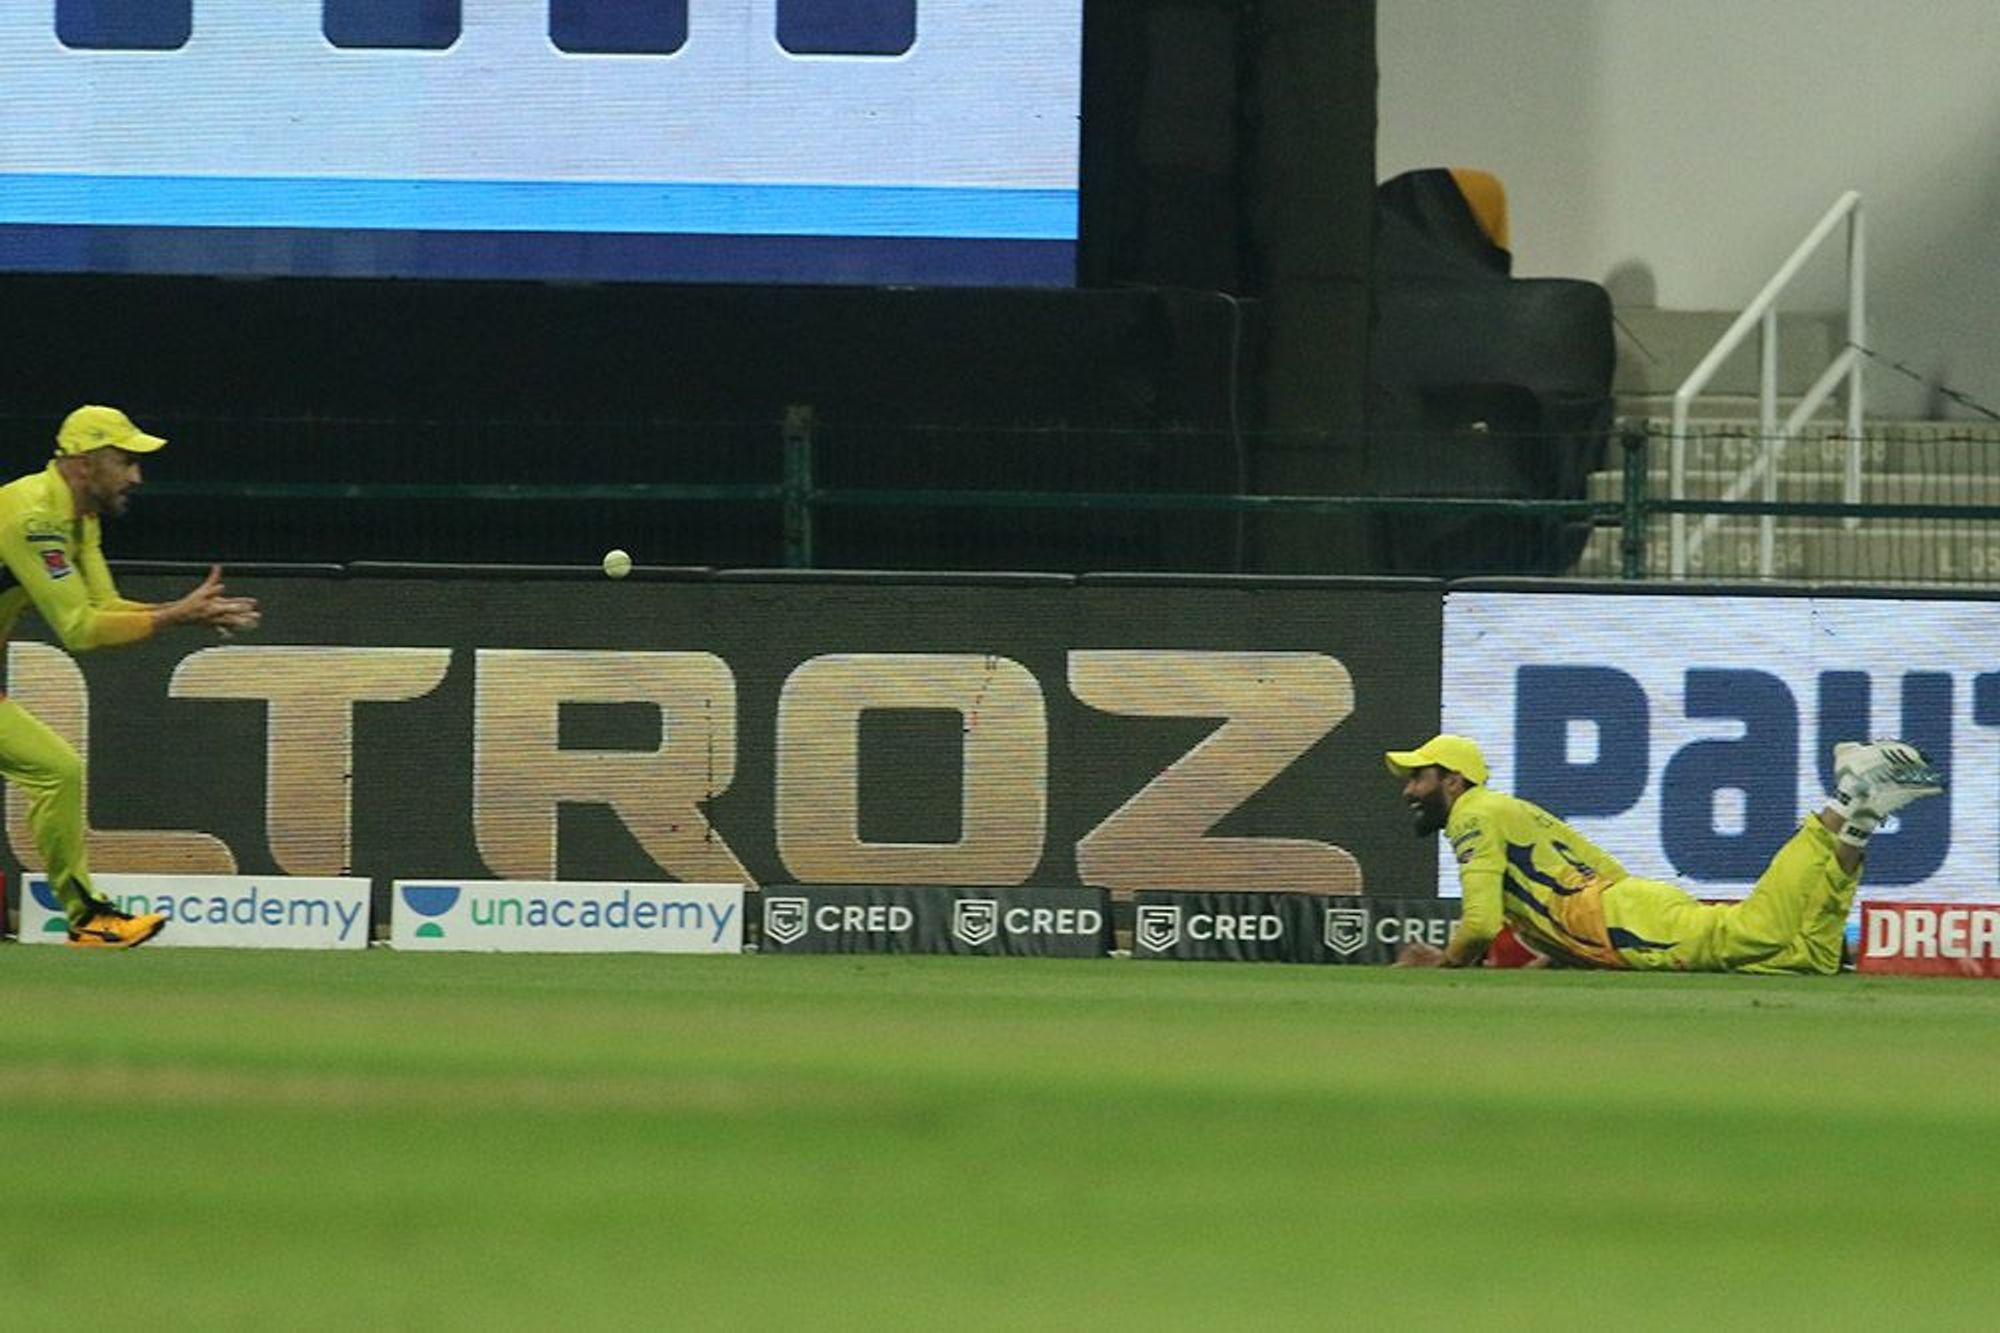 नरेन का कैच लेने के बाद जडेजा बाउंड्री से टकराने वाले थे। तभी उन्होंने बॉल फाफ डु प्लेसिस की ओर फेंकी, जिसे कैच कर लिया गया।